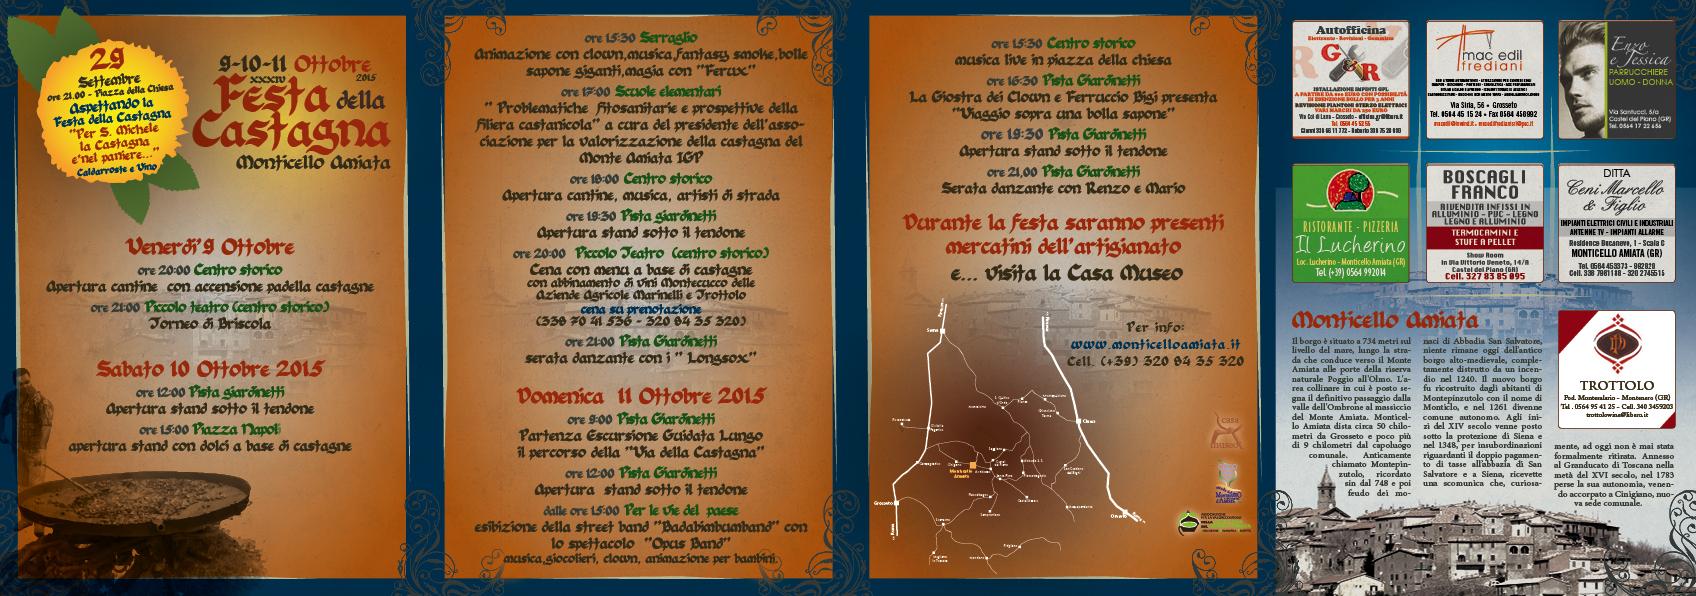 Il dépliant ufficiale della Festa della castagna 2015 di Monticello Amiata